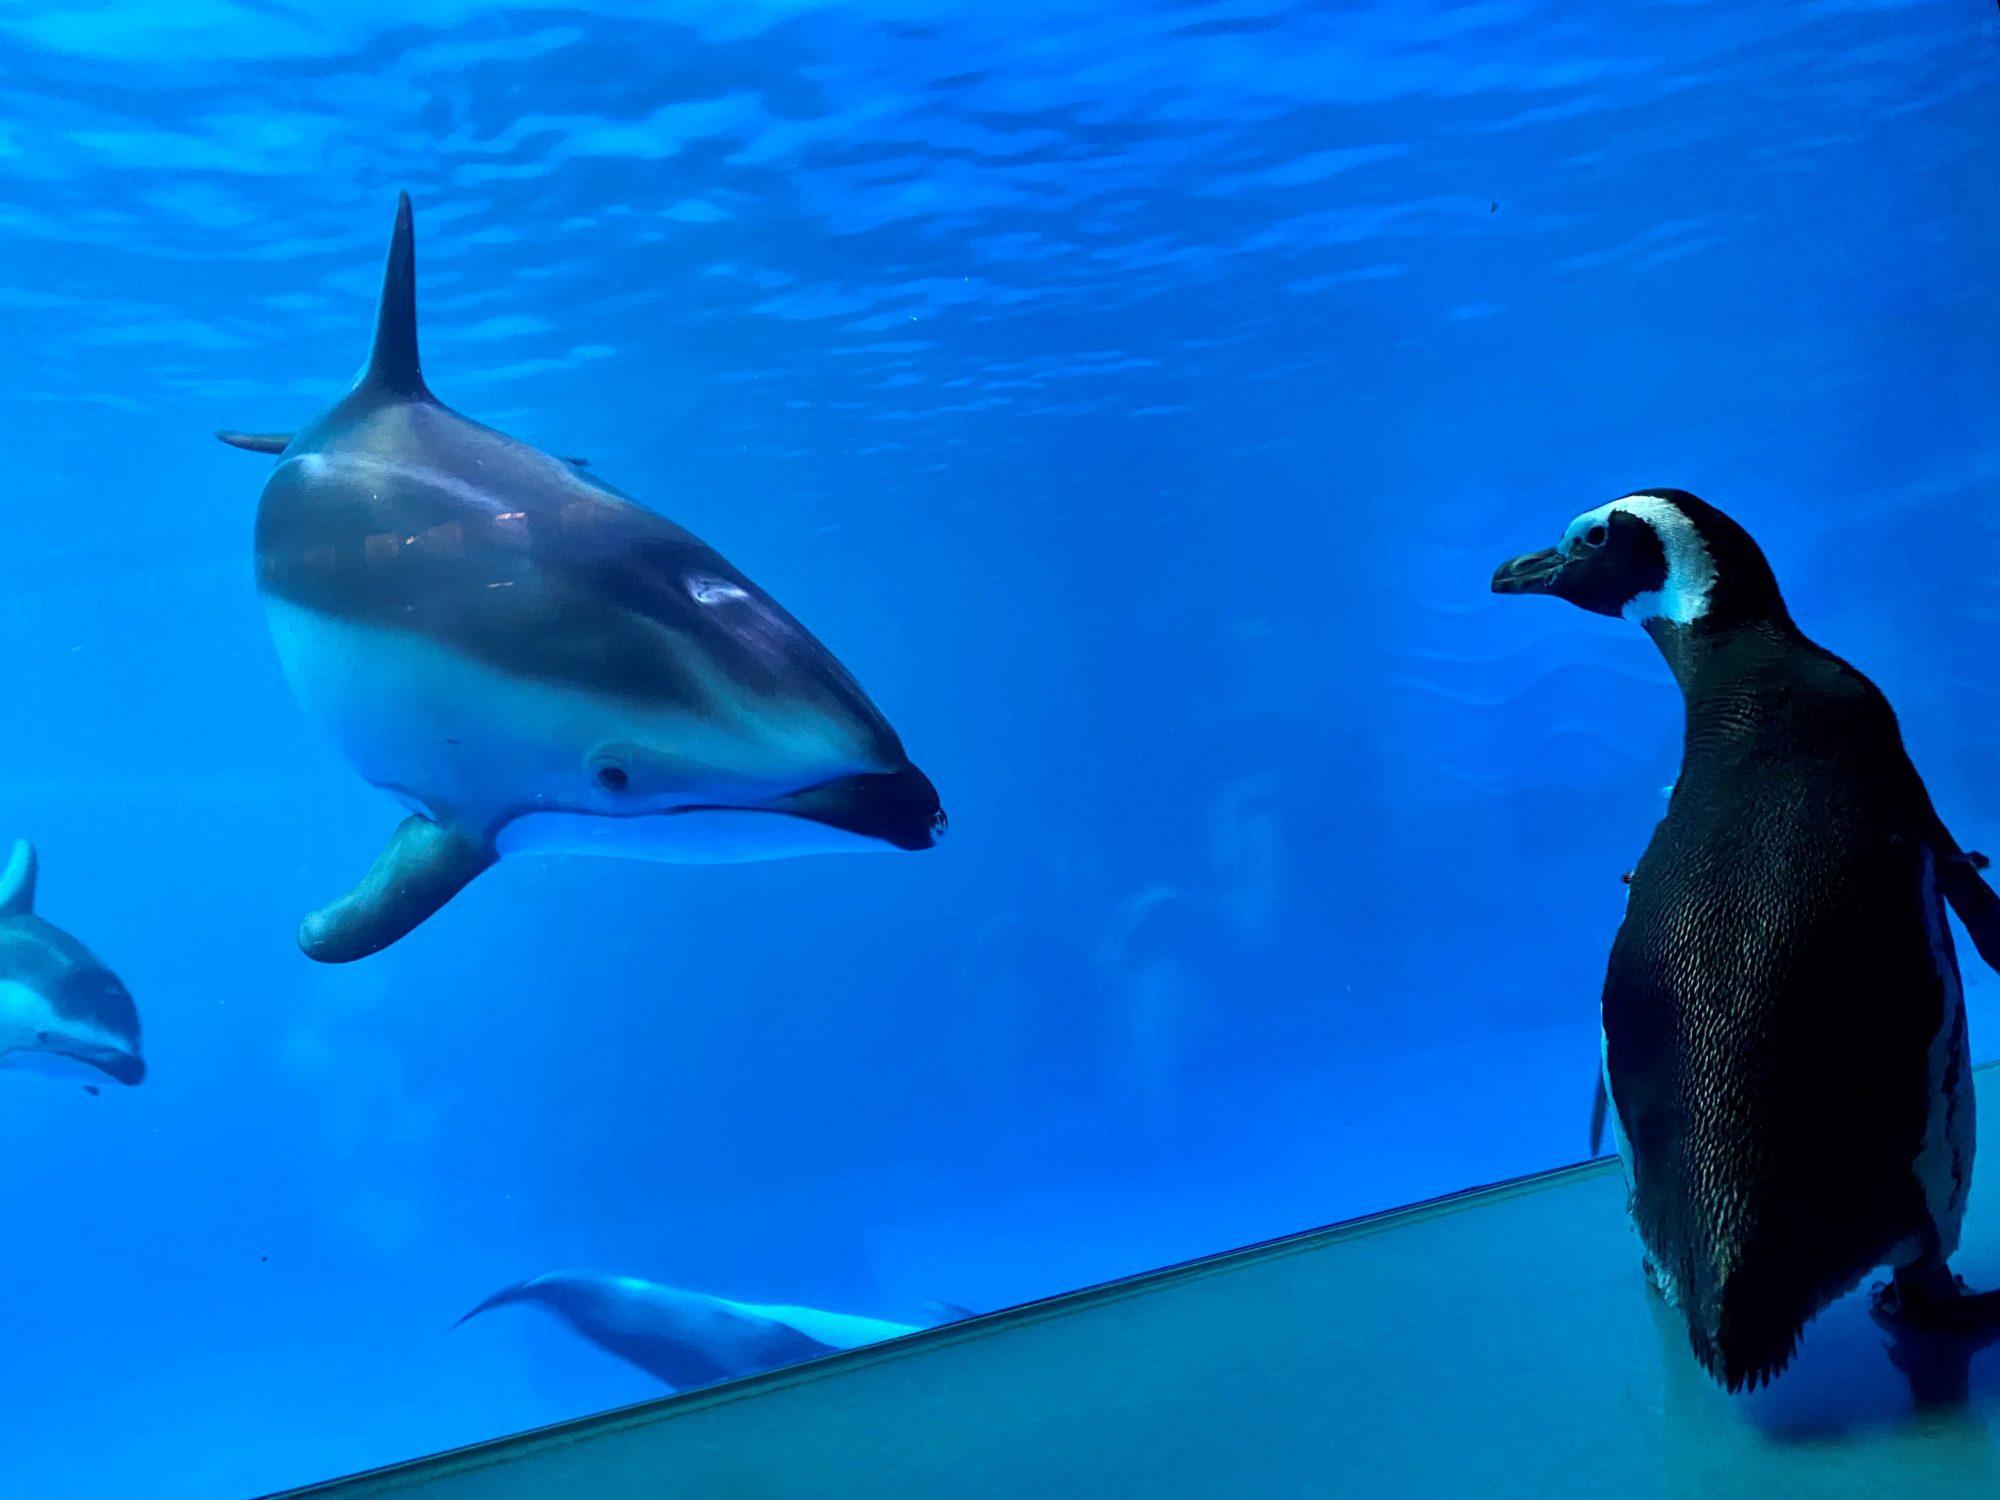 Penguin Tour at Shedd Aquarium